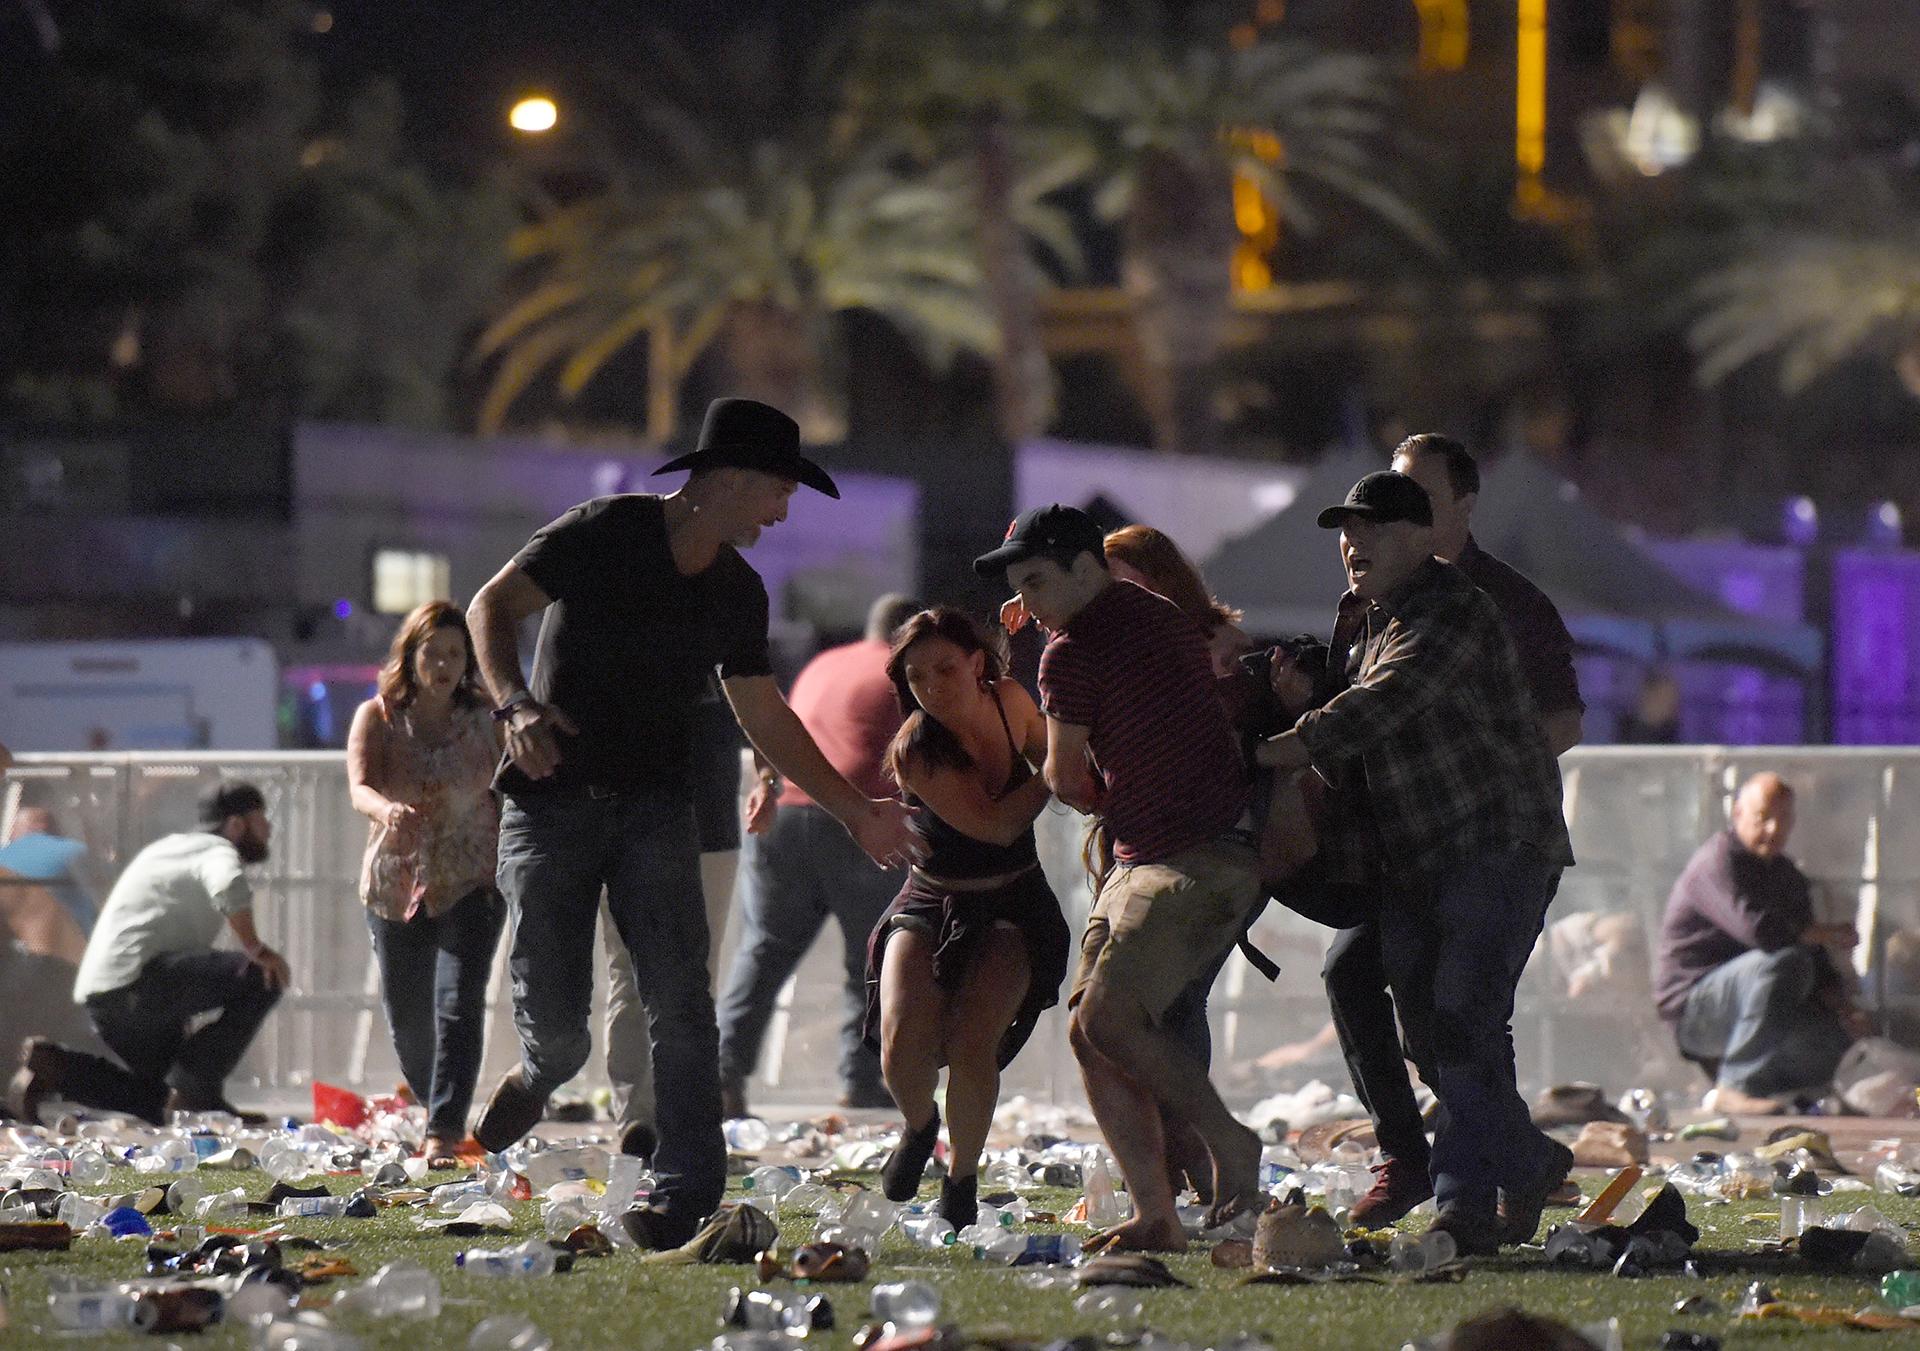 La gente escapa durante el tiroteo en el festival de Las Vegas. David Becker/Getty Images/AFP